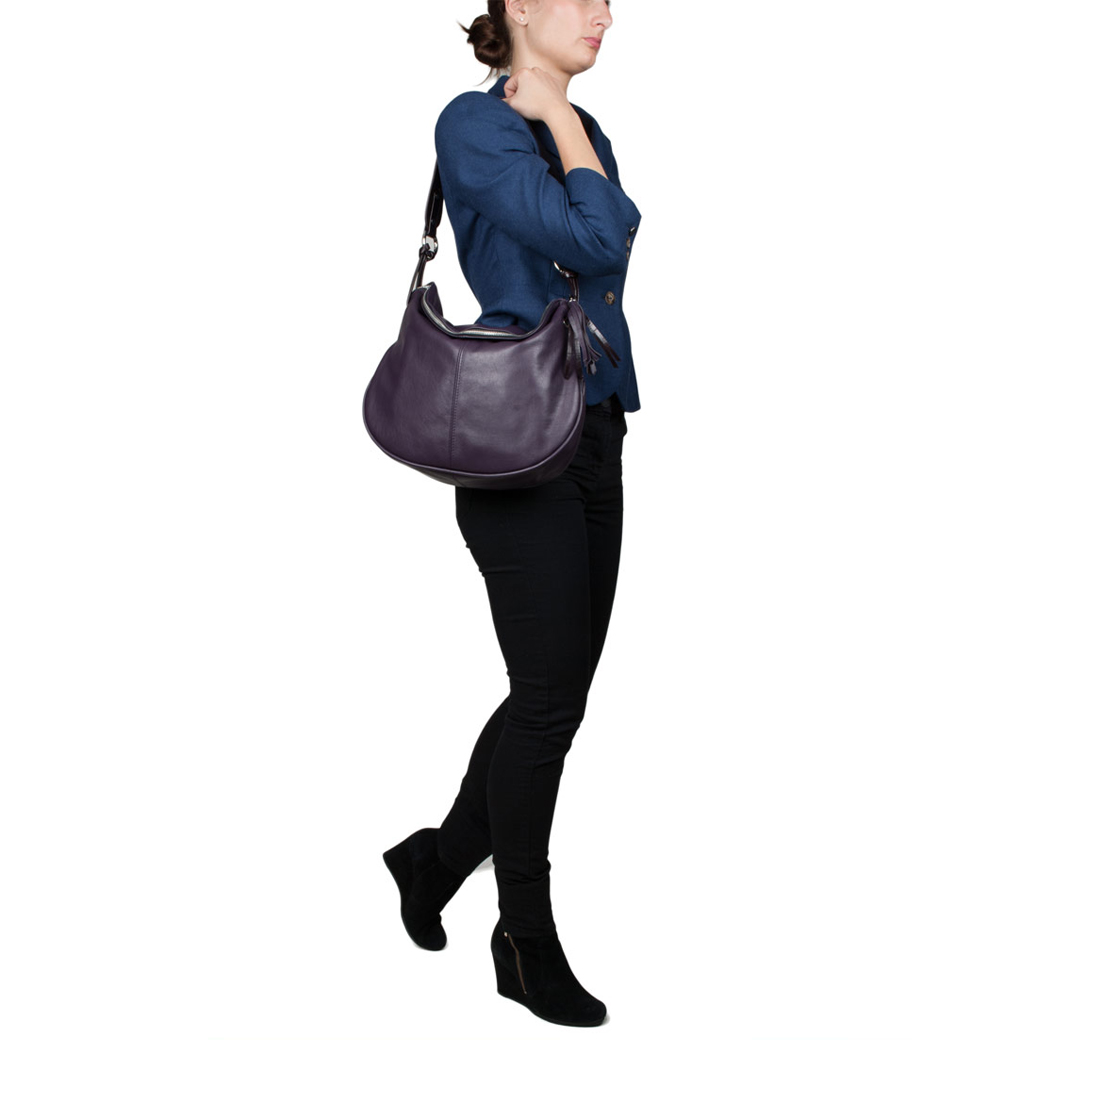 Matilda Blue Leather Shoulder Bag